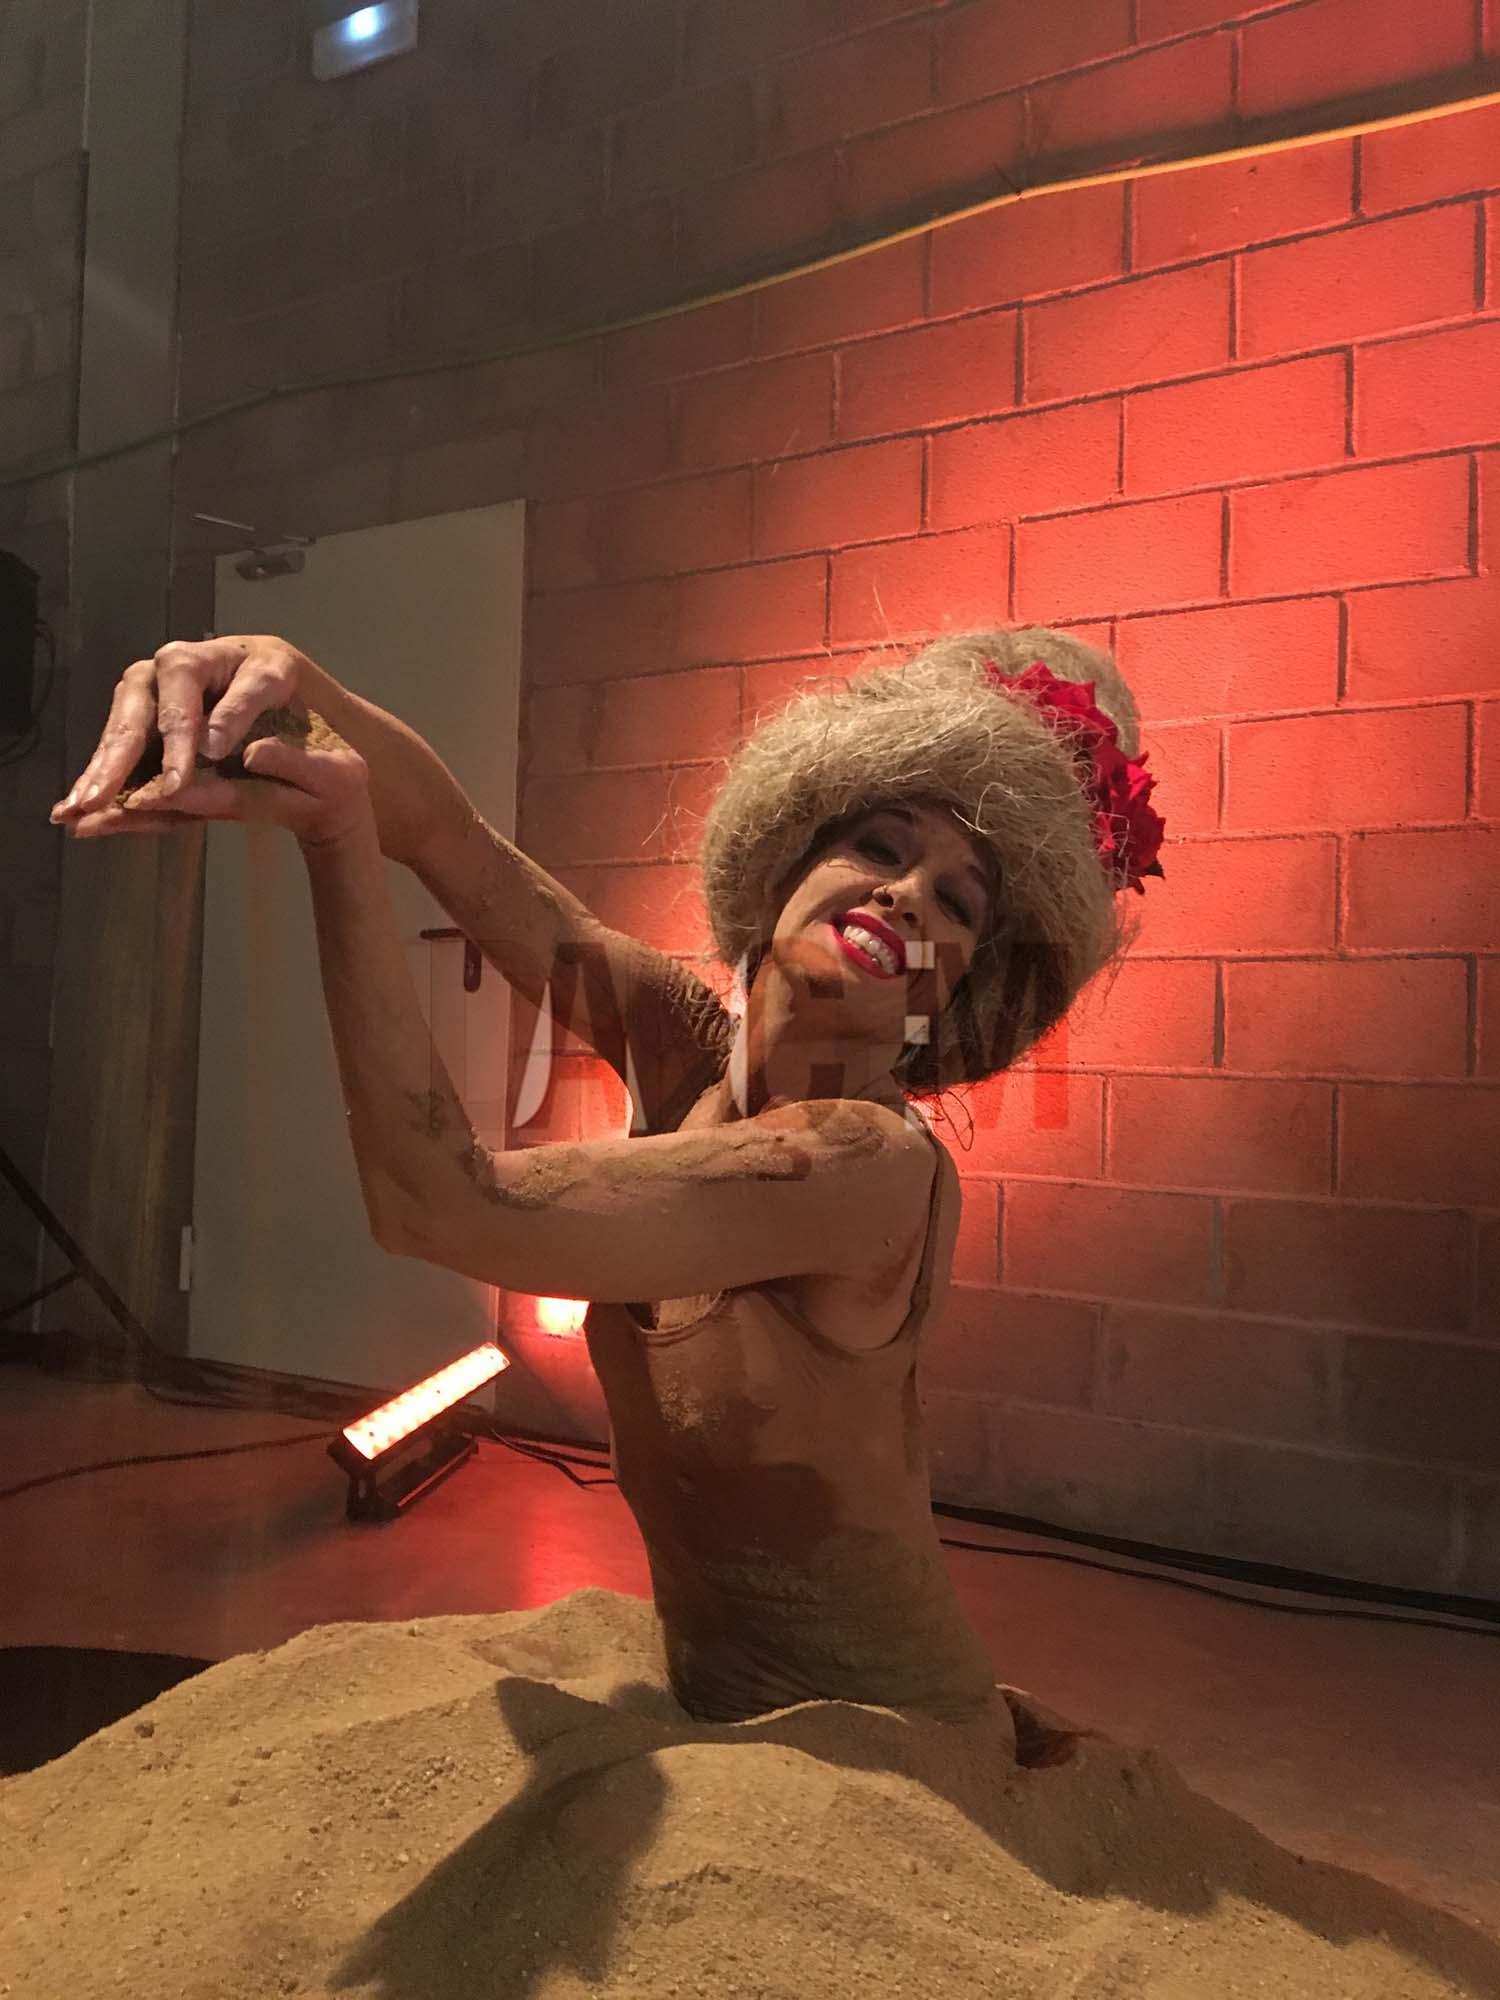 Actores de animación para eventos - Dancem Espectáculos